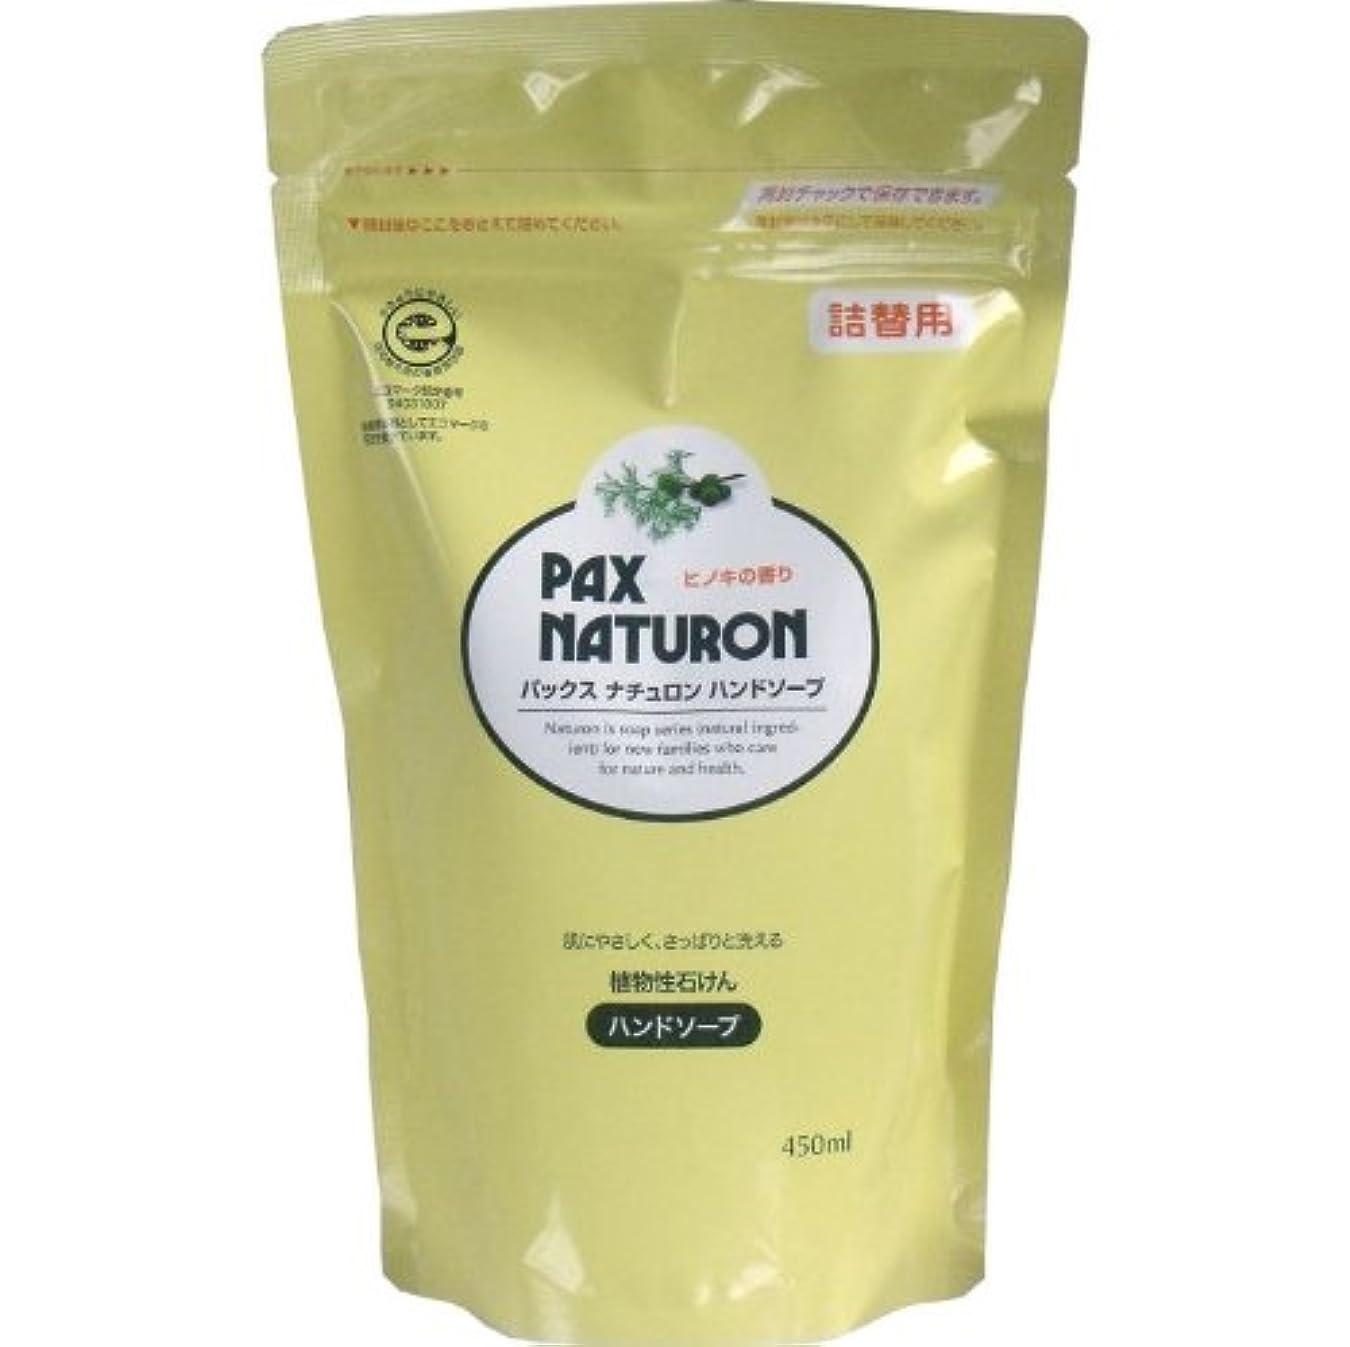 アソシエイトソフィー実現可能肌にやさしく、さっぱりと洗える植物性石けん!植物性ハンドソープ 詰替用 450mL【4個セット】